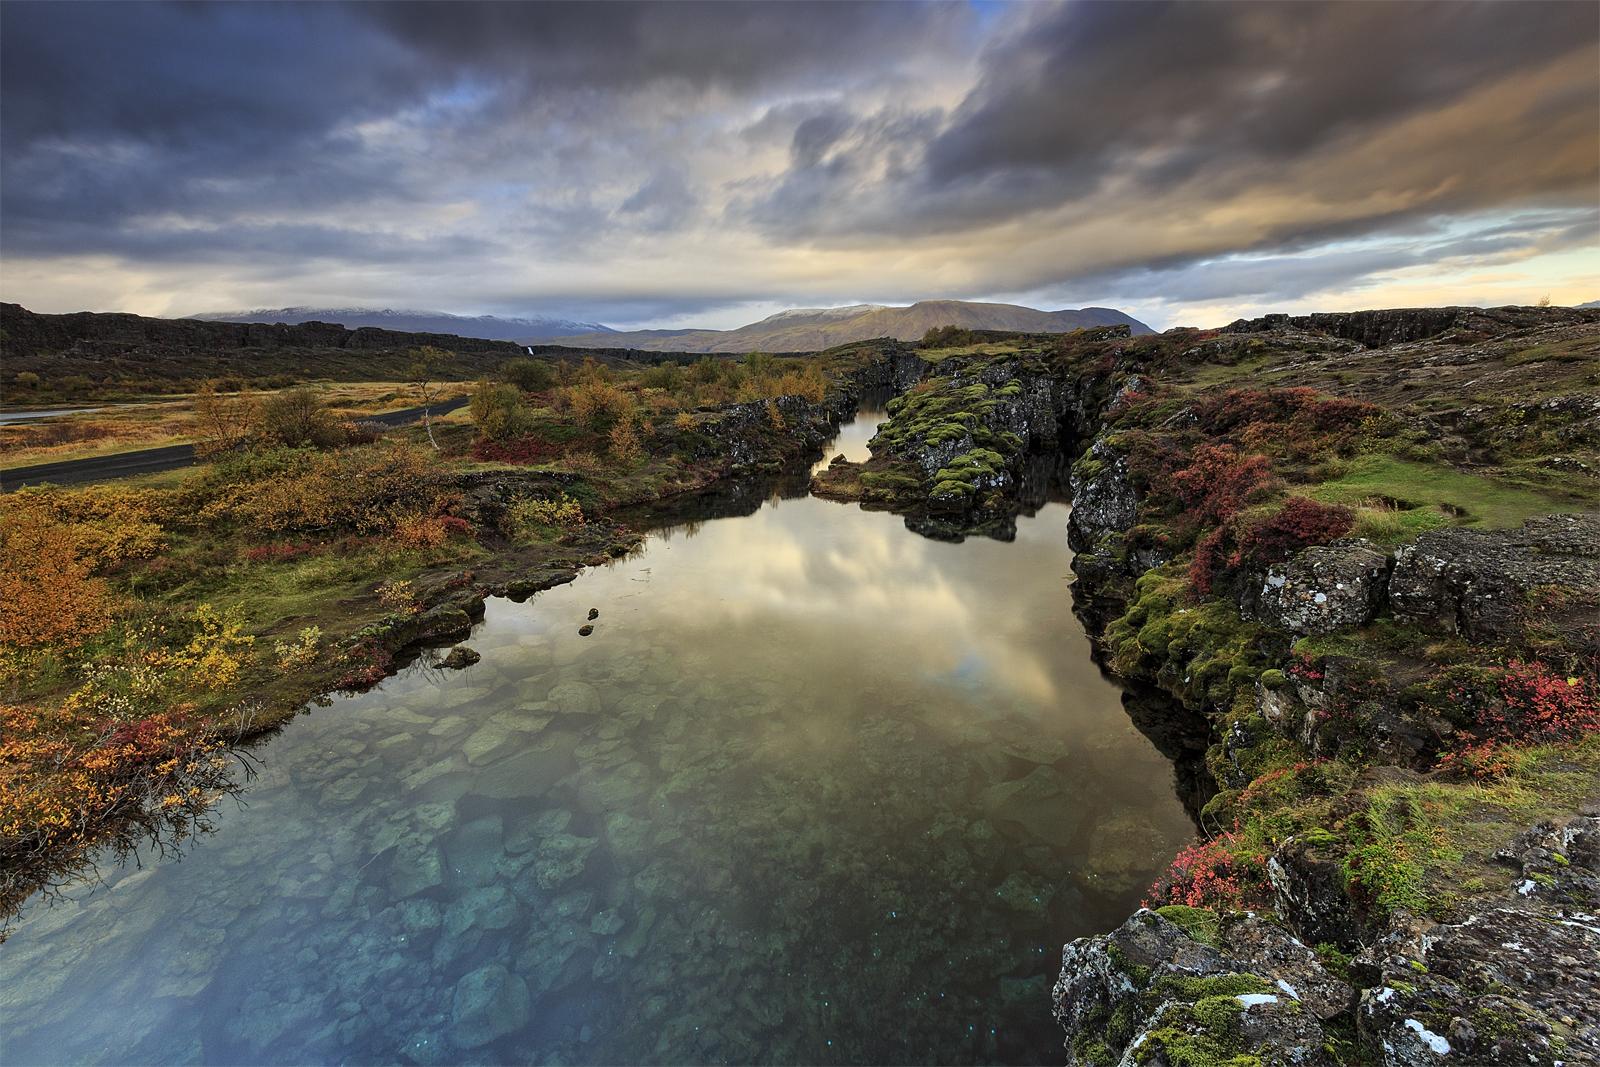 El Parque Nacional Thingvellir, donde dos placas tectónicas se separan a la deriva